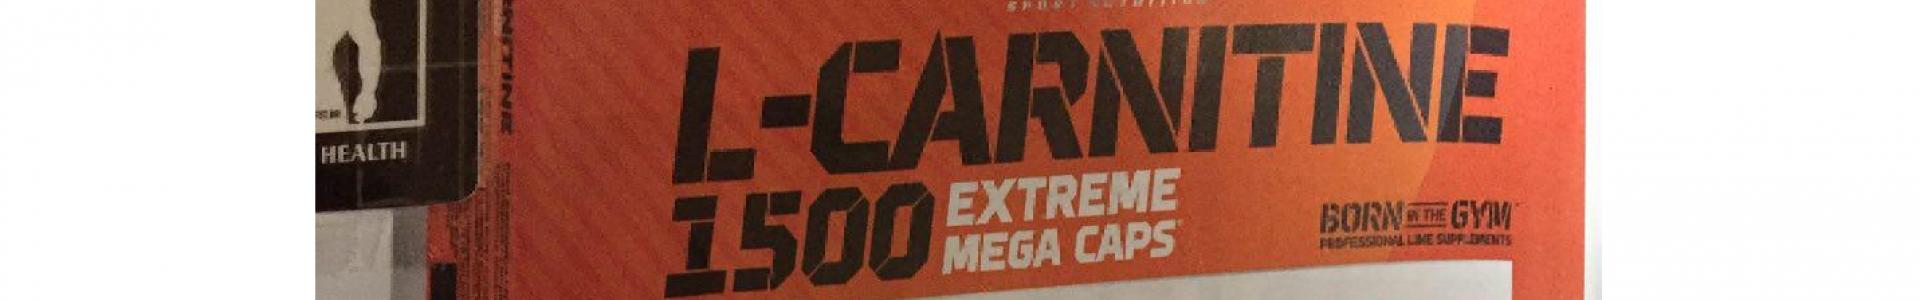 آیا کارنیتین واقعا چربی سوز است؟